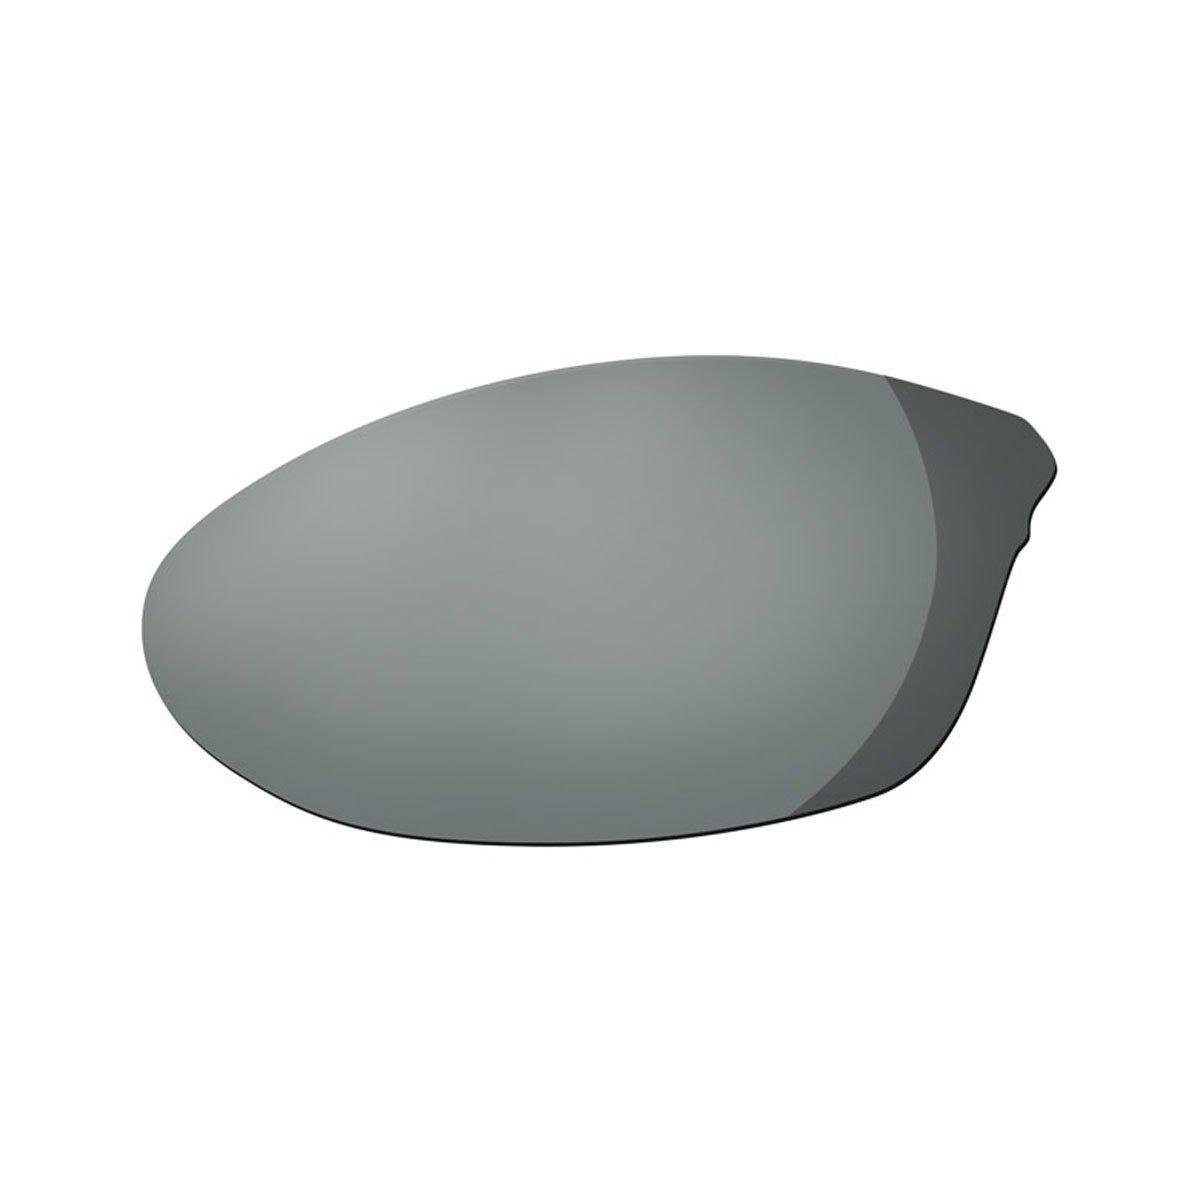 Native Eyewear Hardtop Xp Polarized Lens Kit